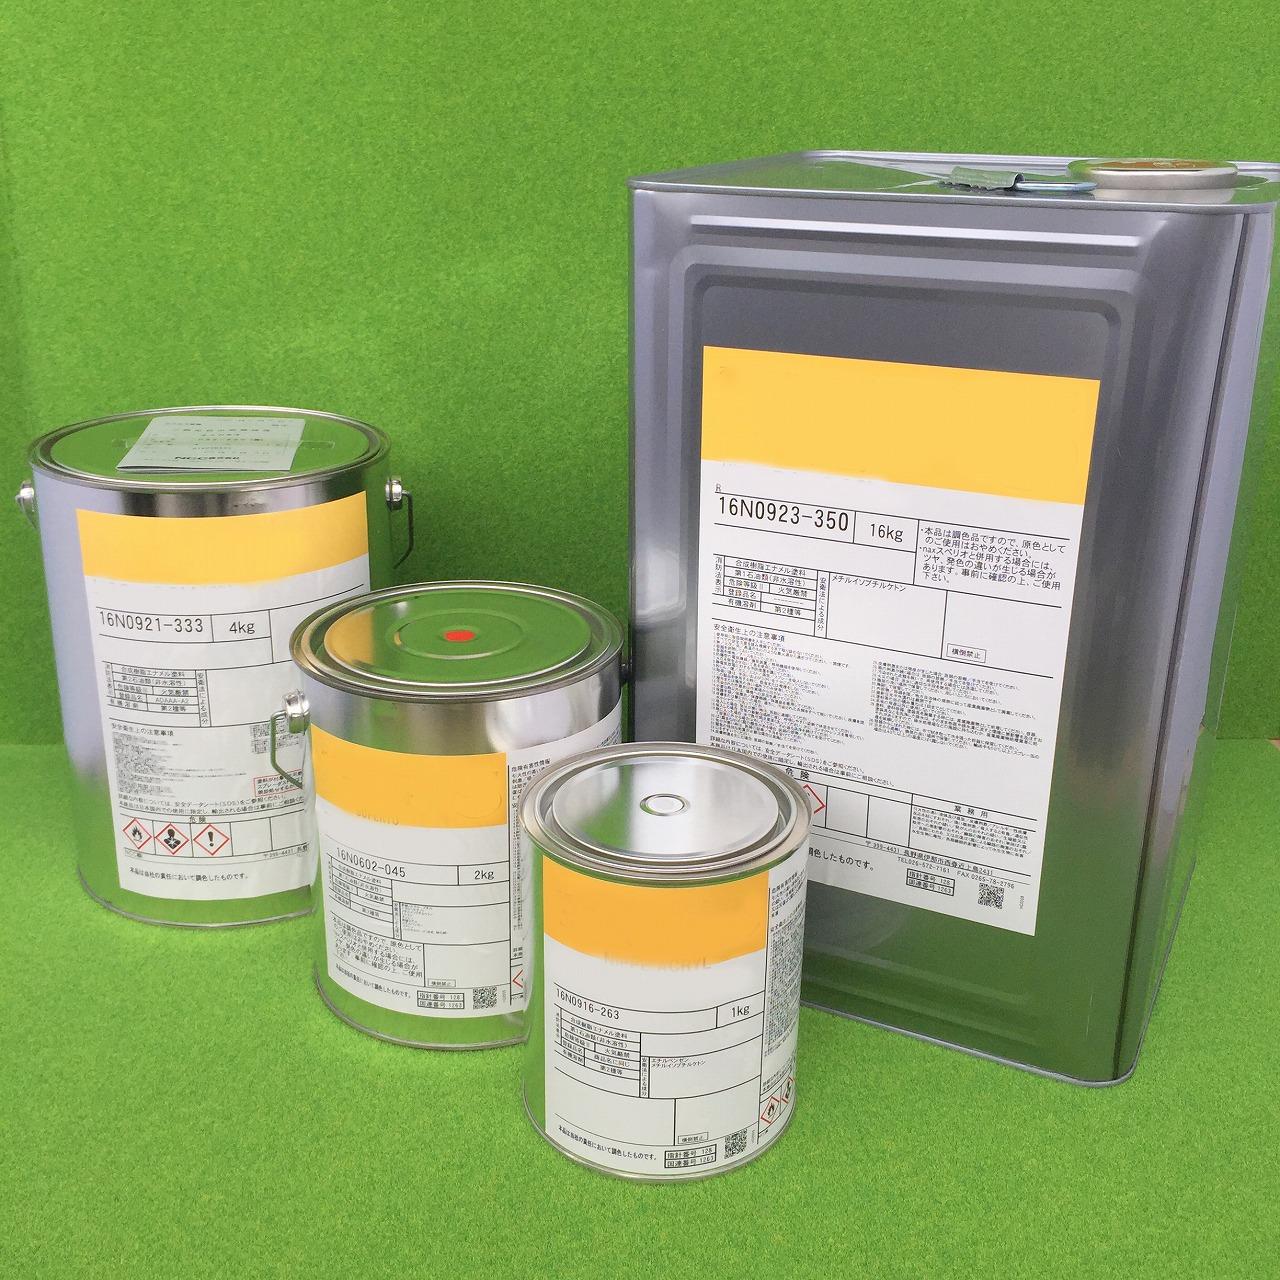 自動車補修用調色塗料(2液ウレタン樹脂塗料) お客様色見本合わせ標準色